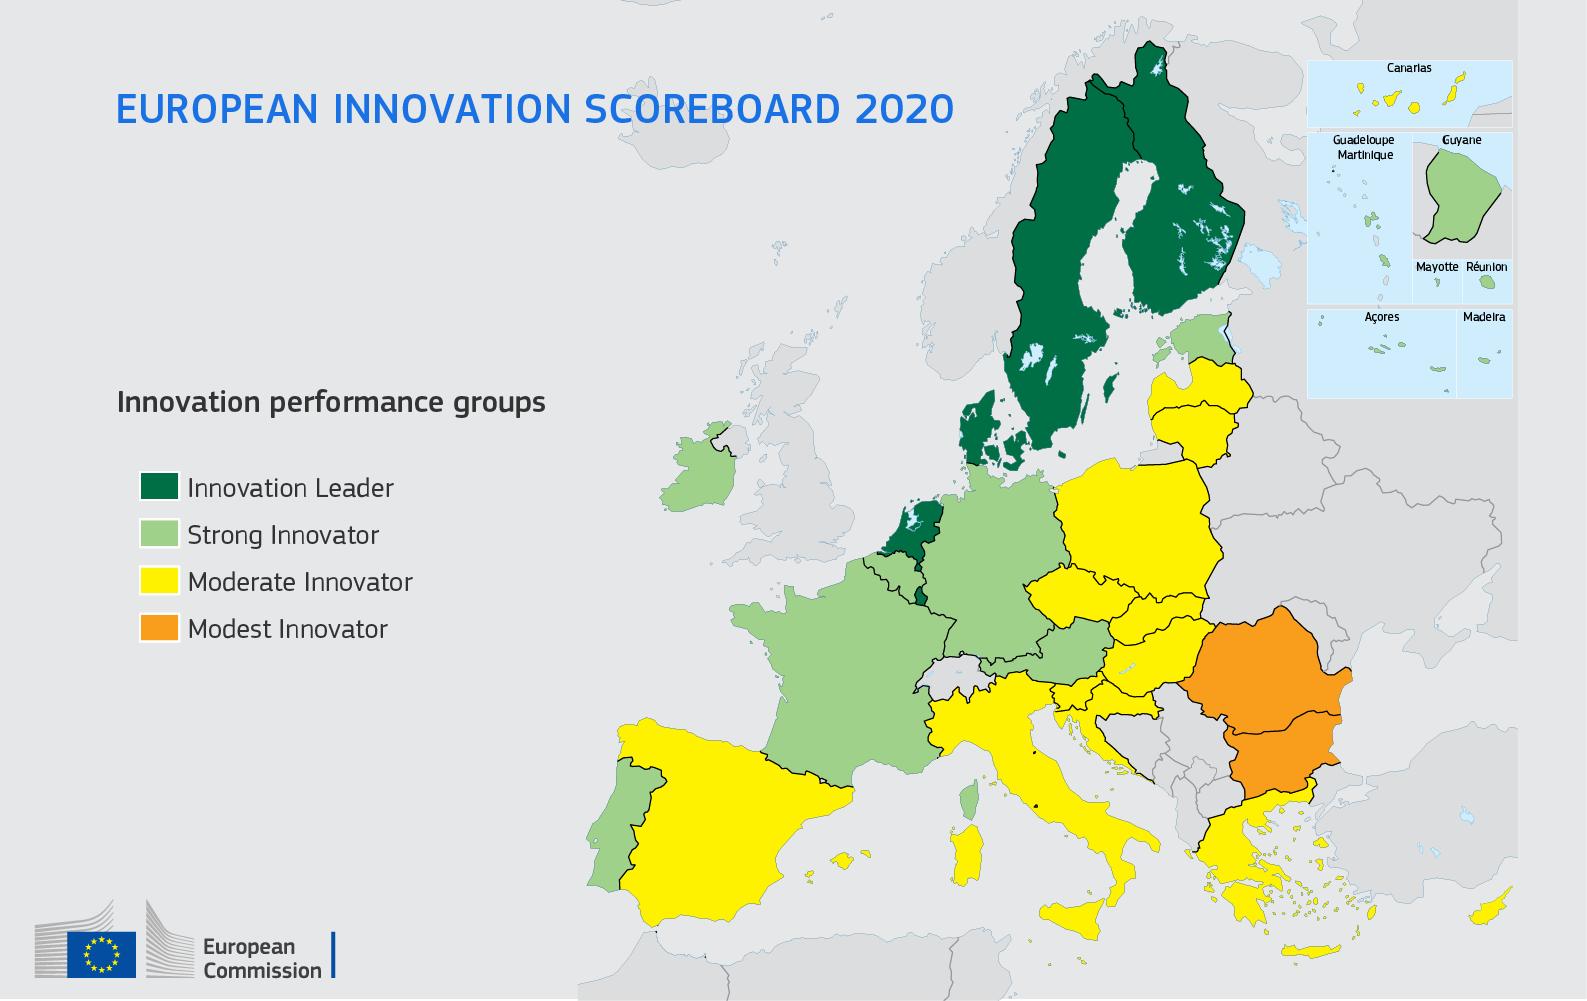 Il quadro di valutazione europeo dell'innovazione 2020